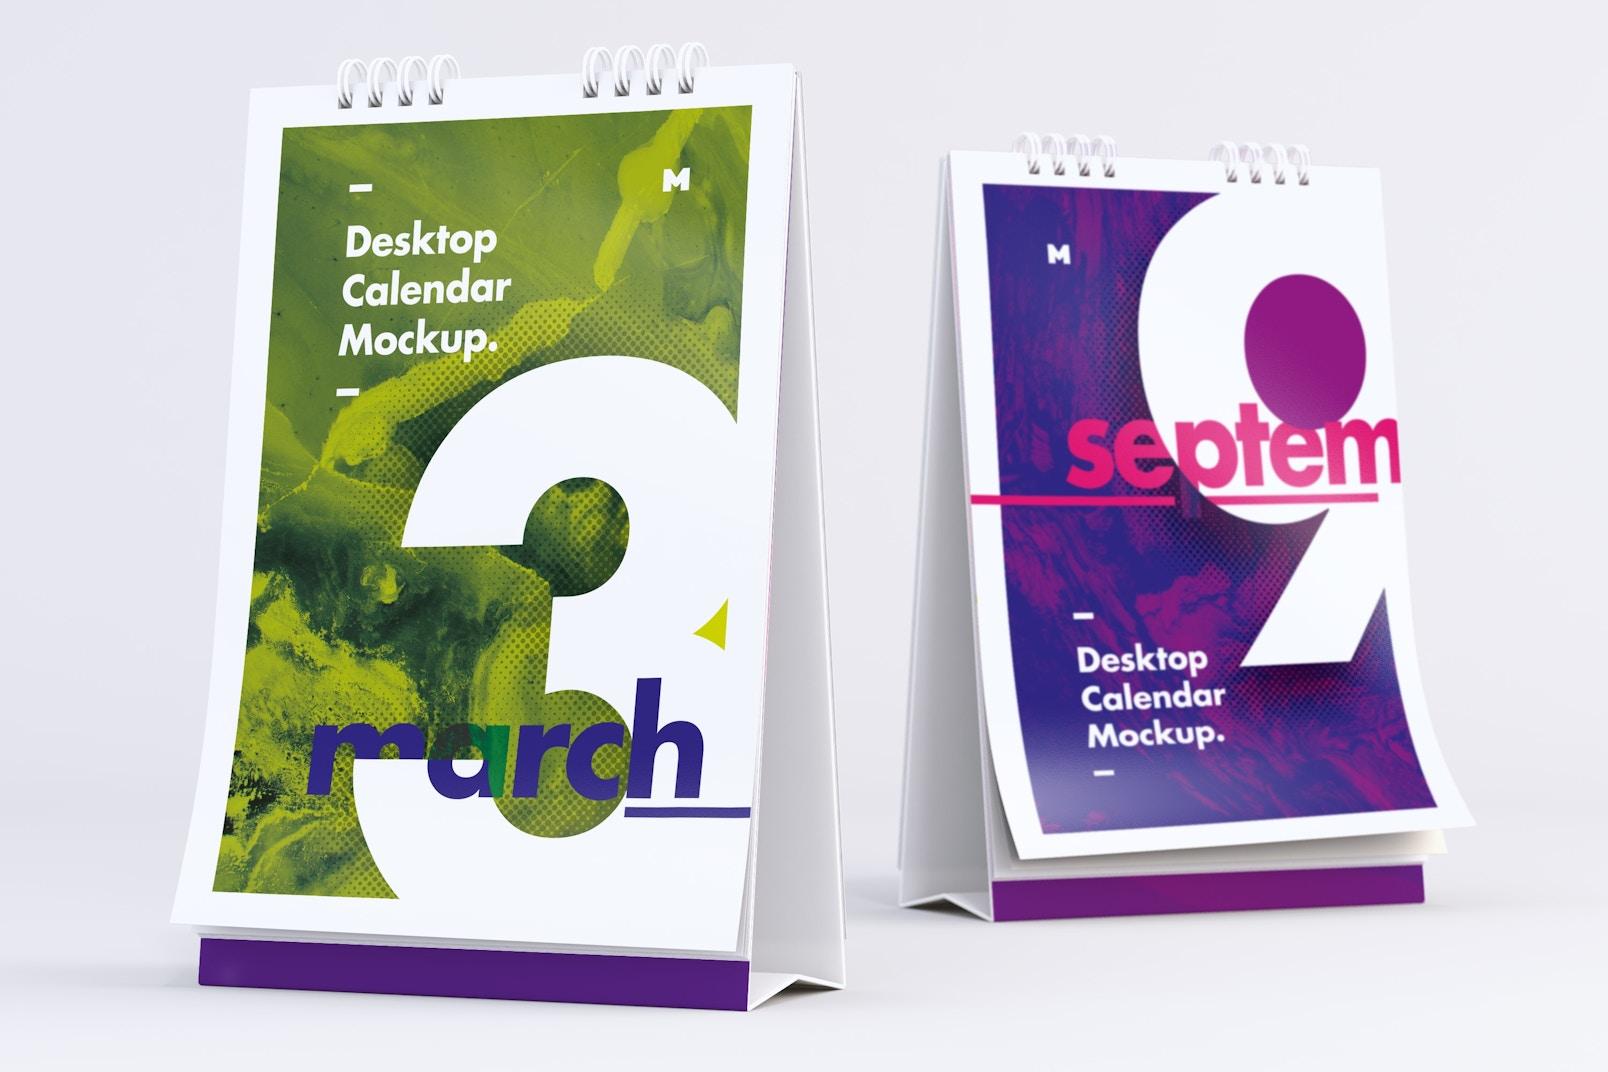 Maqueta de calendario de escritorio vista frontal y posterior